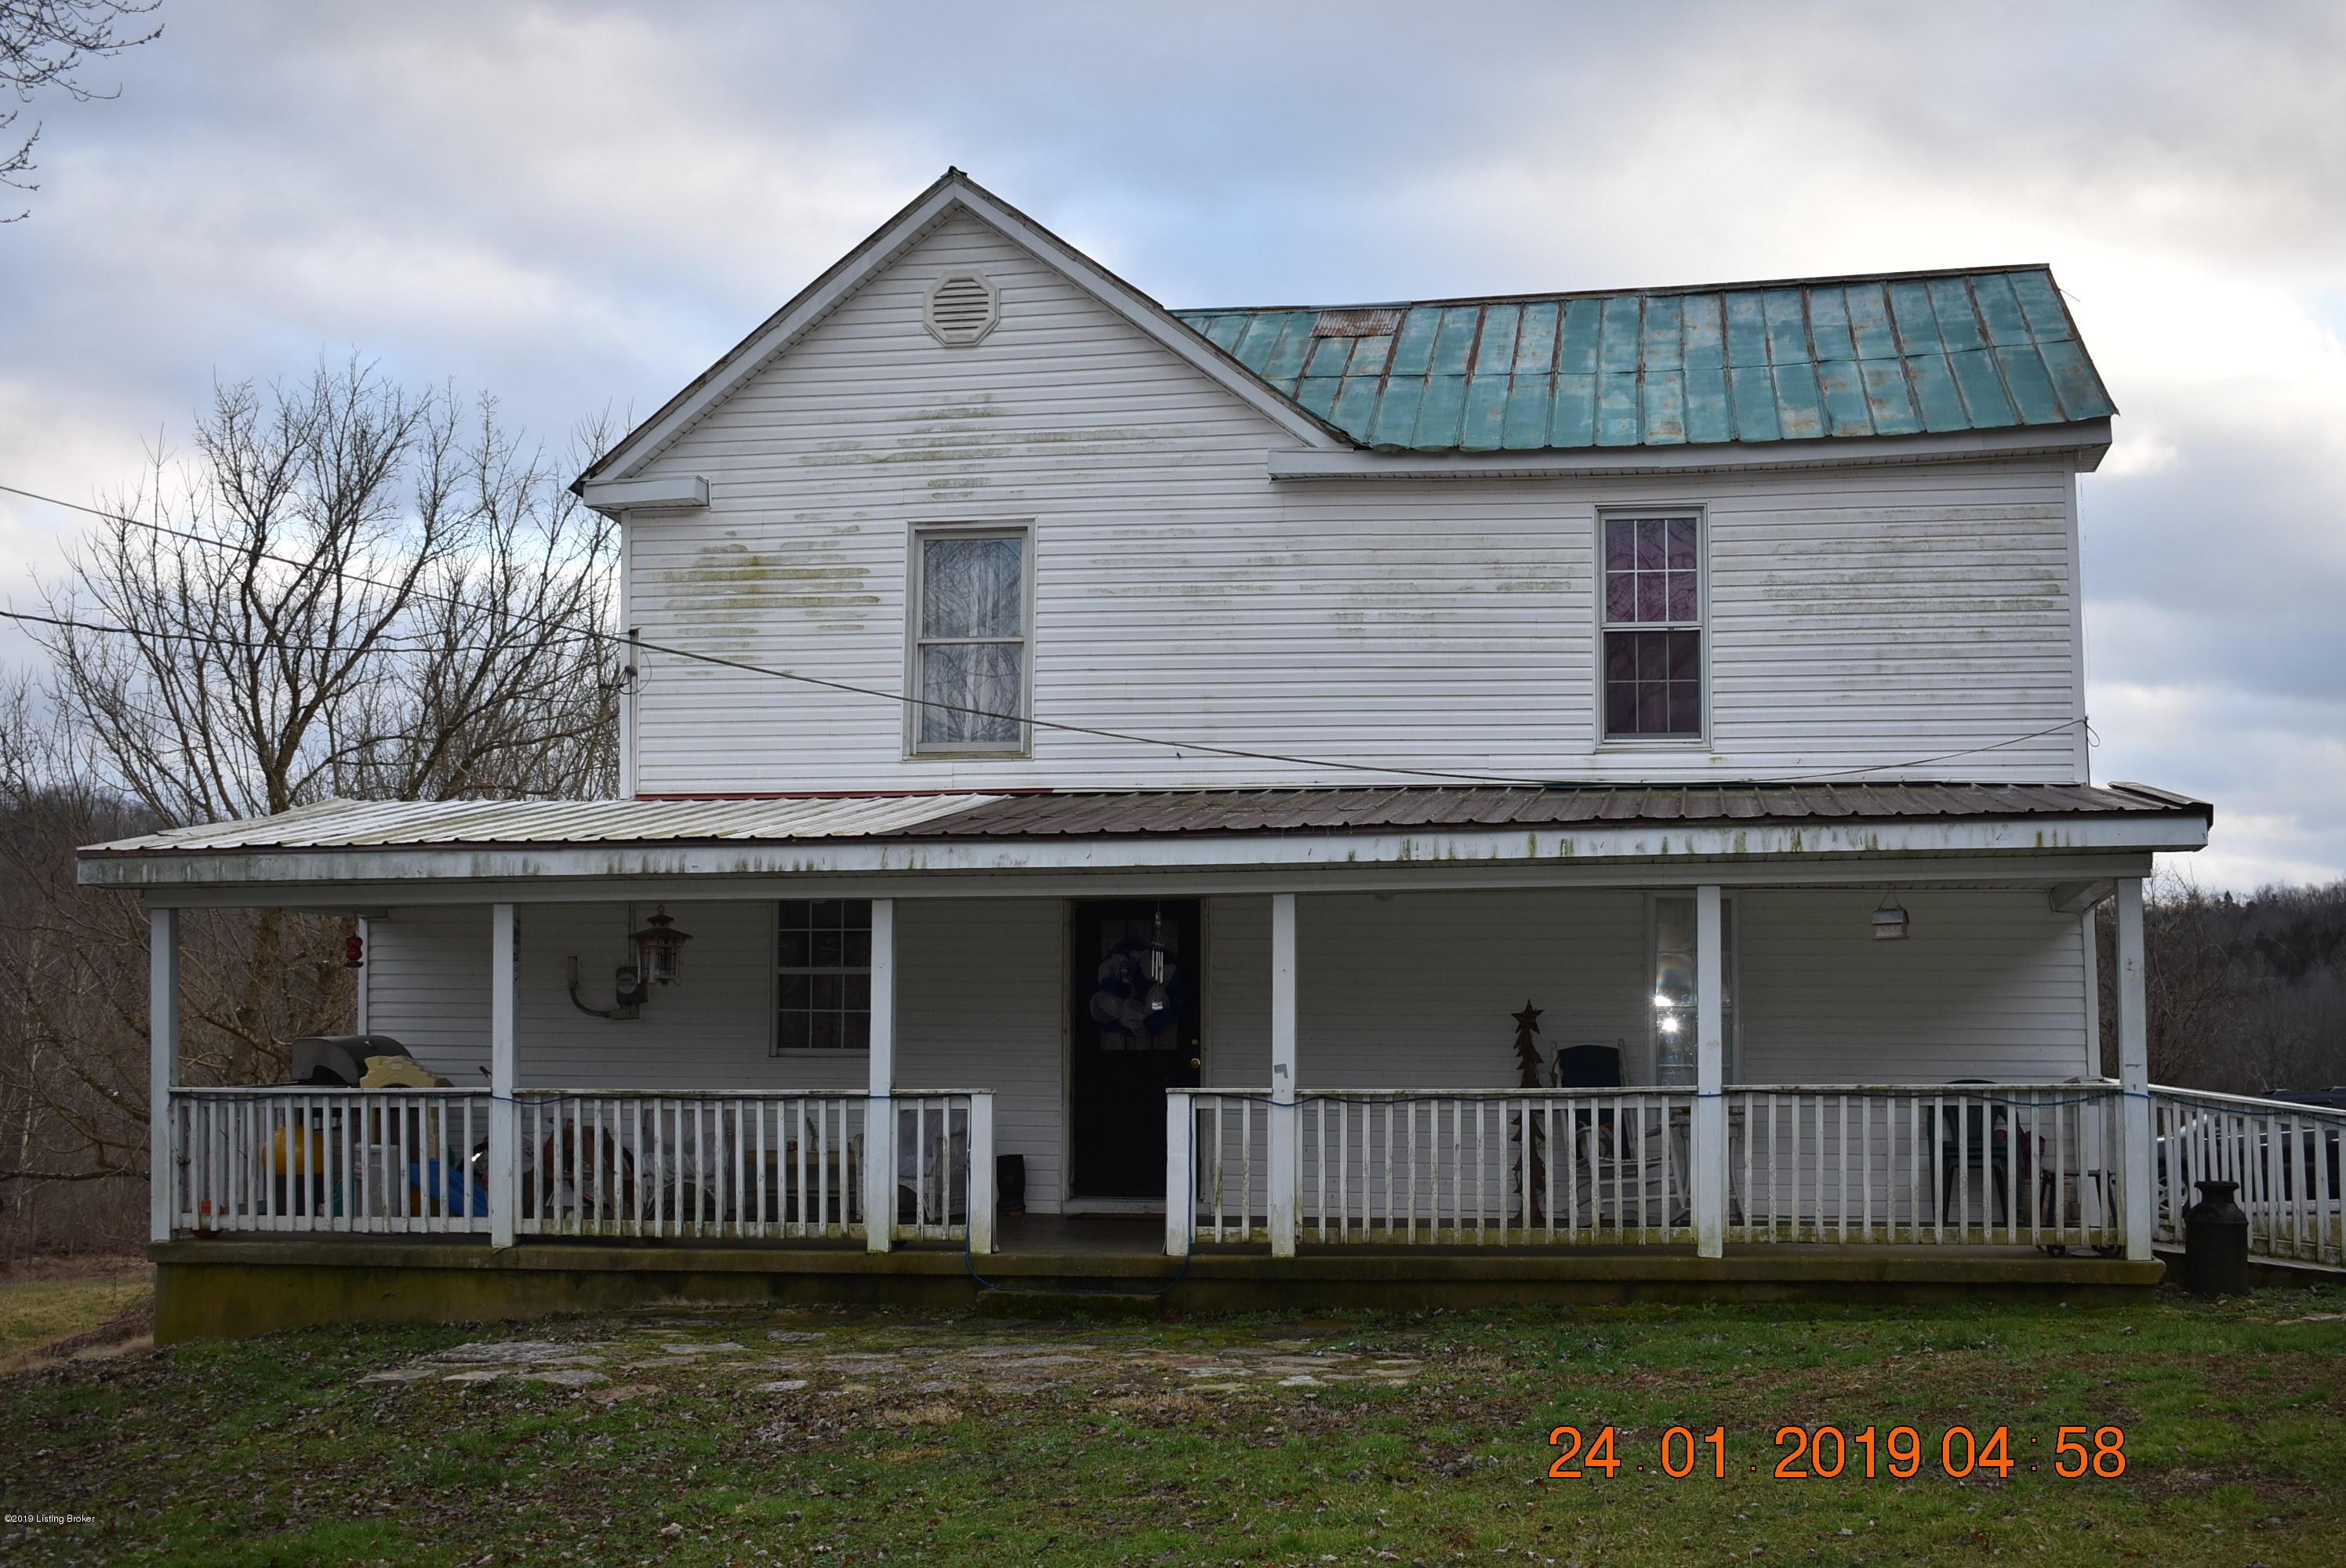 1355 Old Van Buren Rd, Mt Eden, Kentucky 40046, 3 Bedrooms Bedrooms, 7 Rooms Rooms,1 BathroomBathrooms,Residential,For Sale,Old Van Buren,1523416